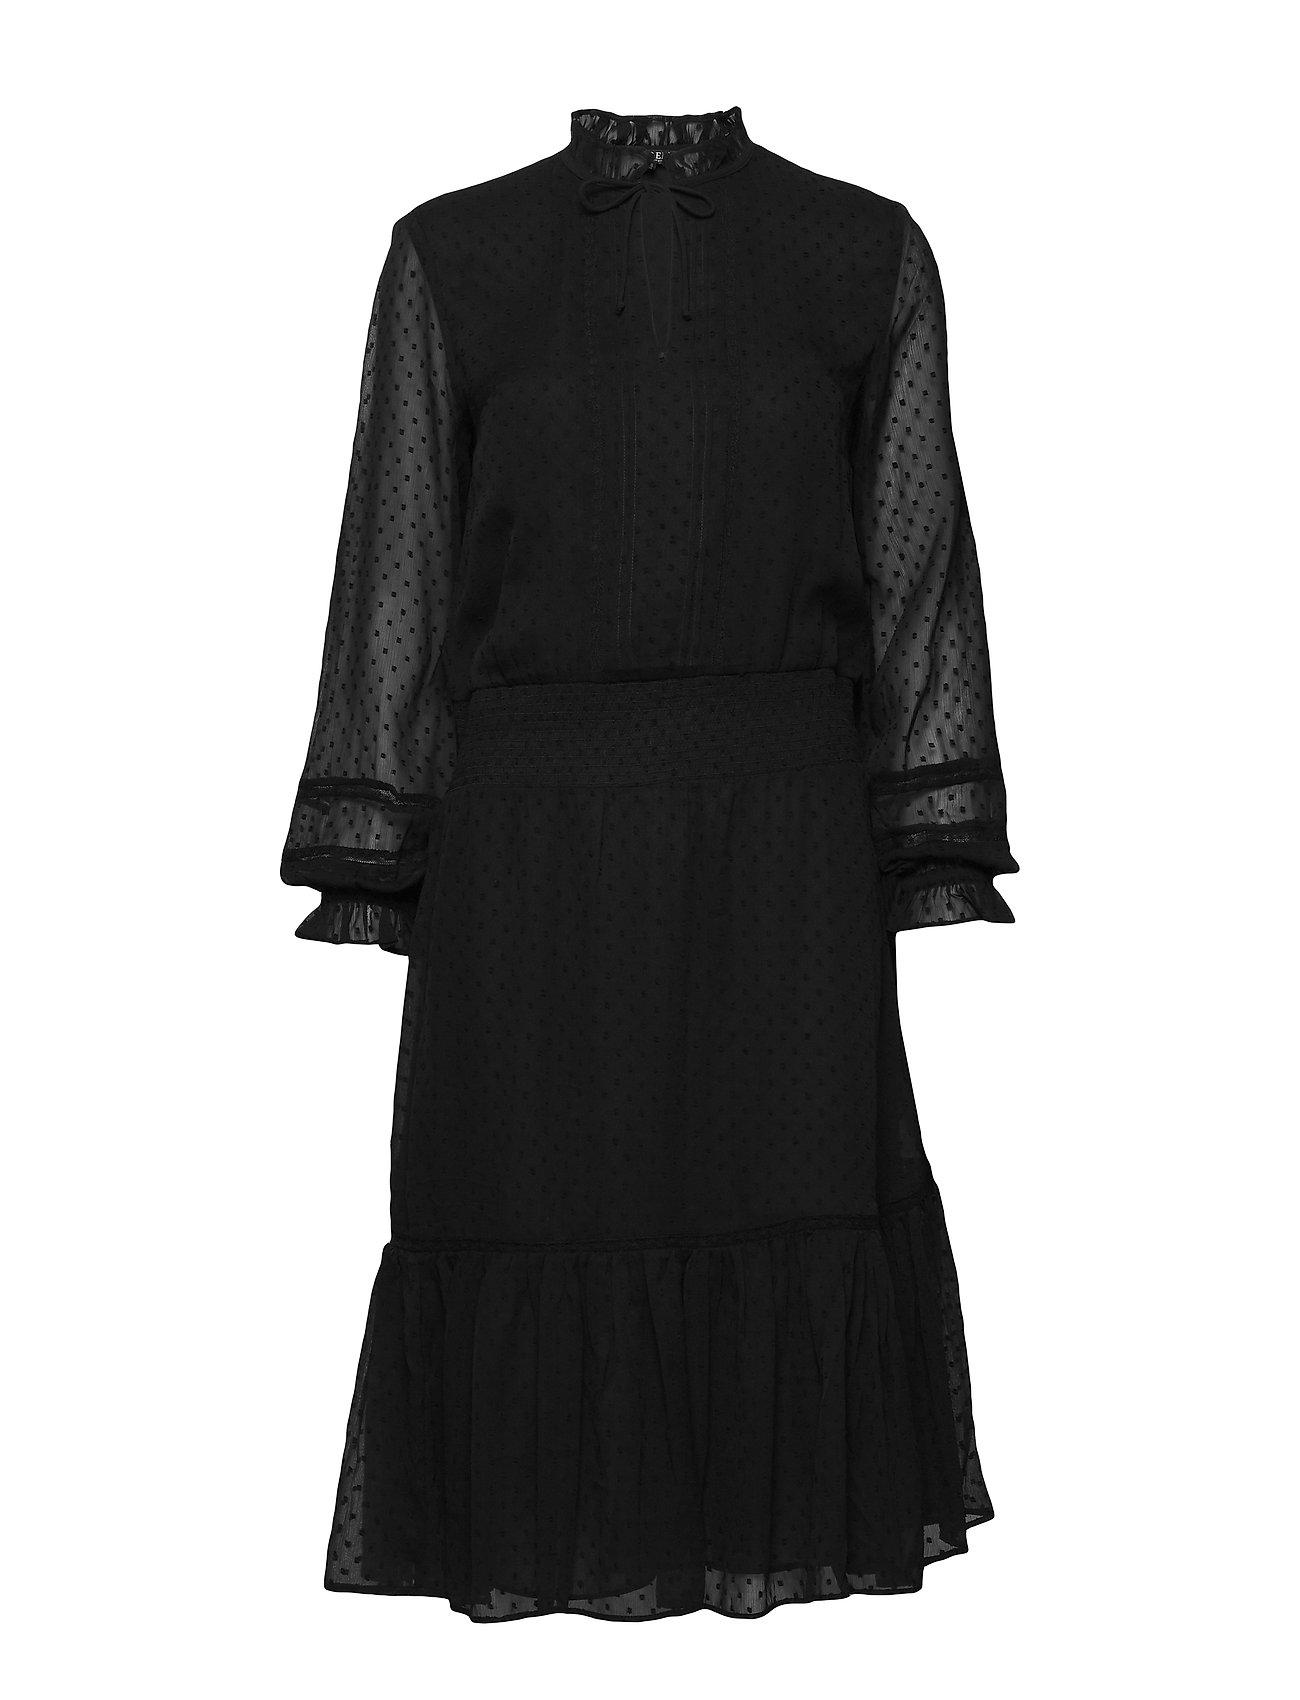 Lauren Ralph Lauren SWISS DOT-DRESS - POLO BLACK